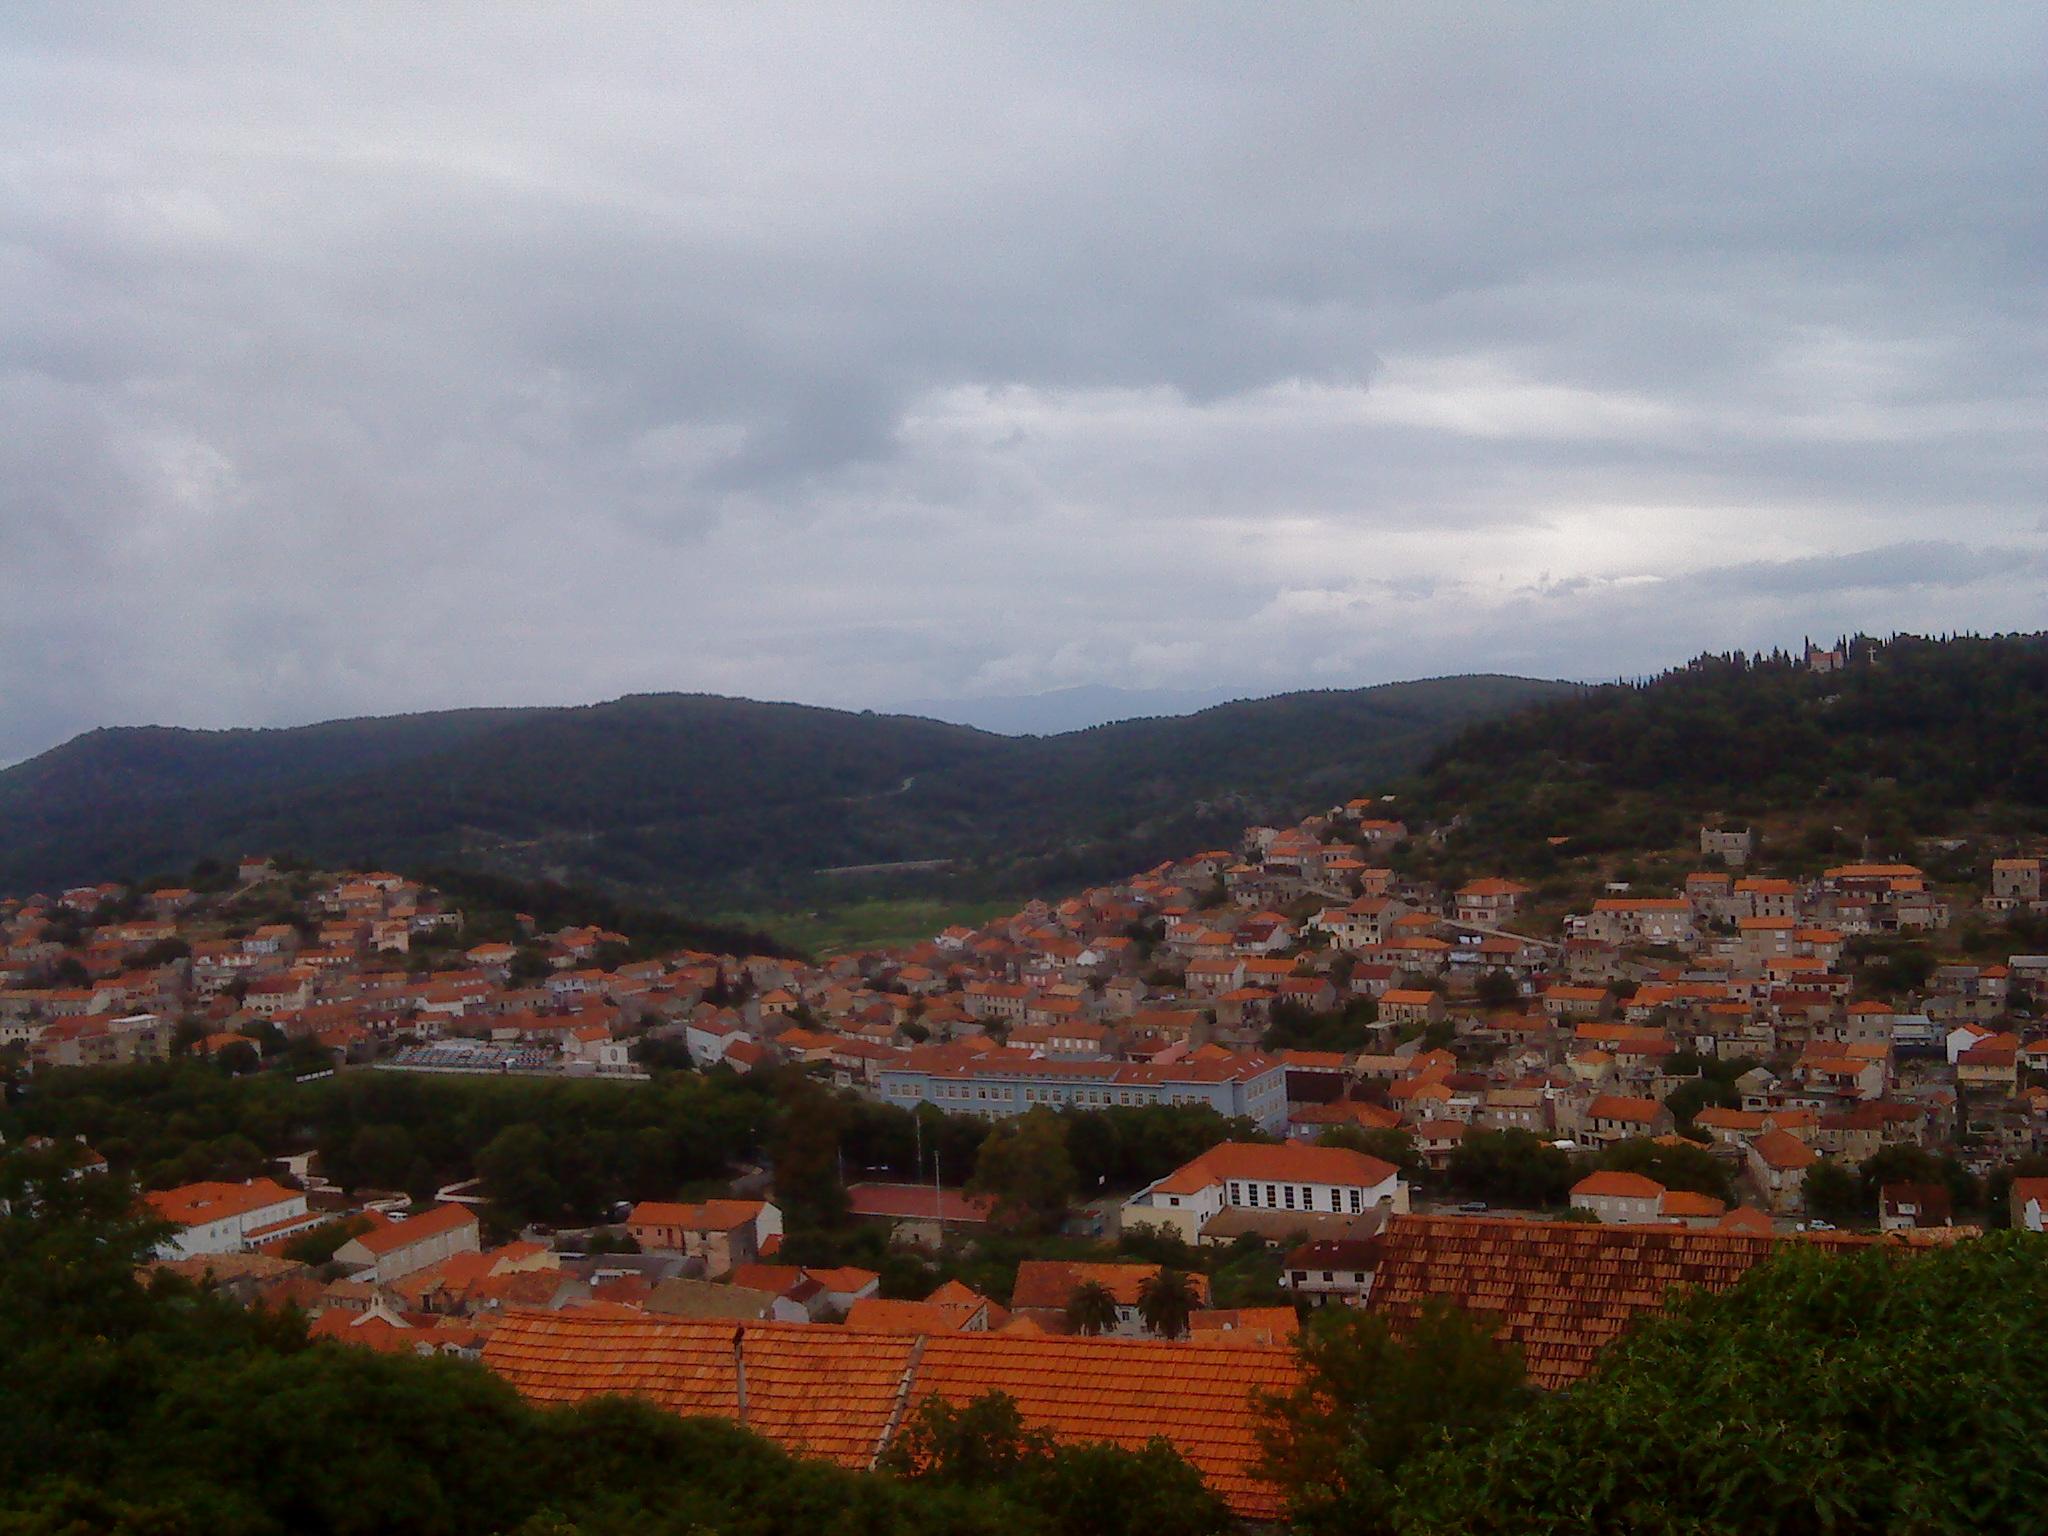 Blato, Korčula